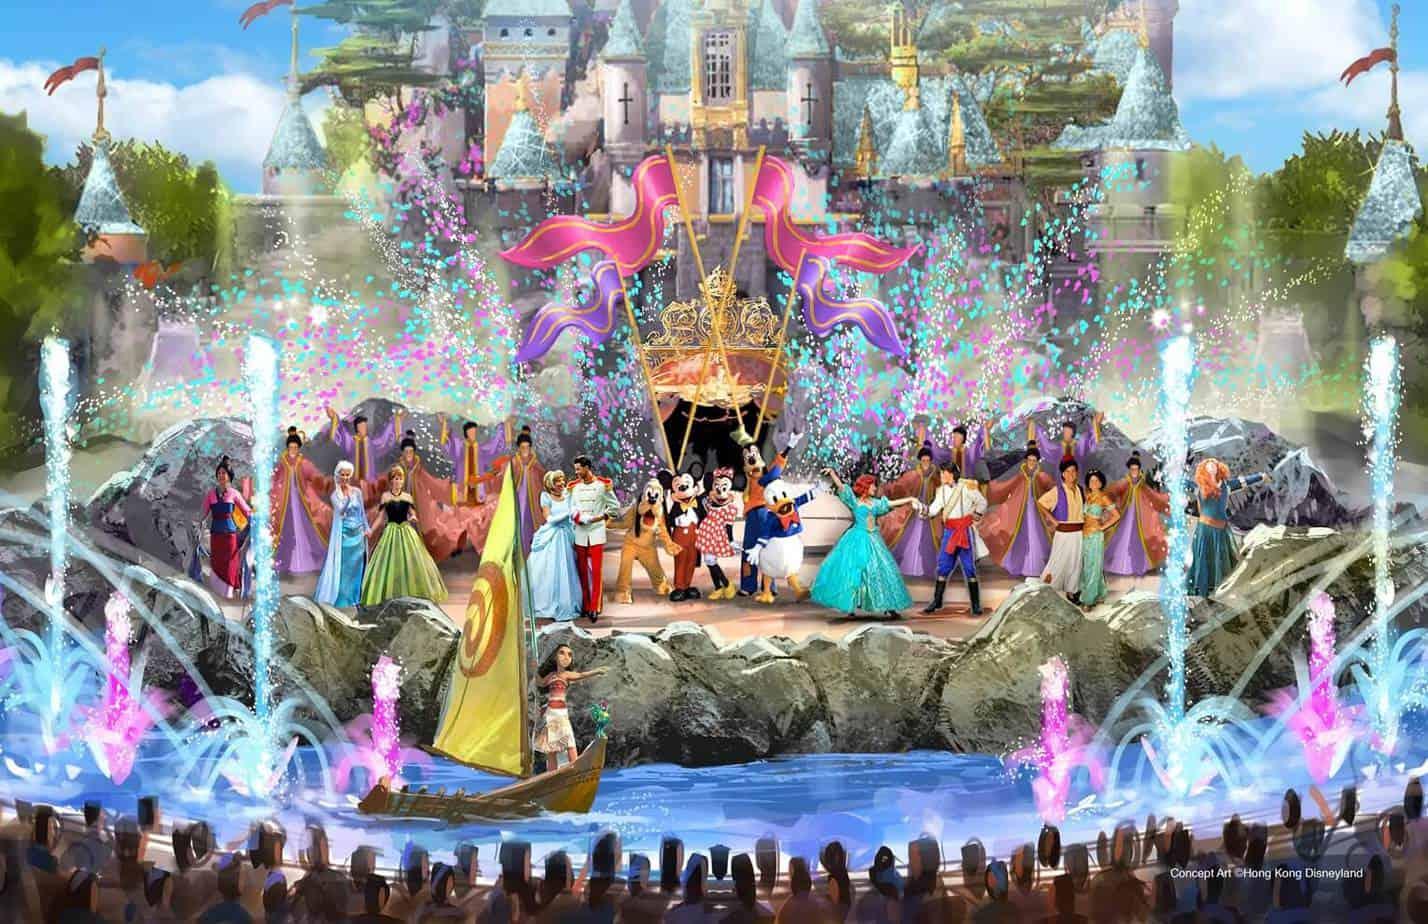 Hong Kong Disneyland Expansion Approved Tiket Hongkong Open Date Daytime Show